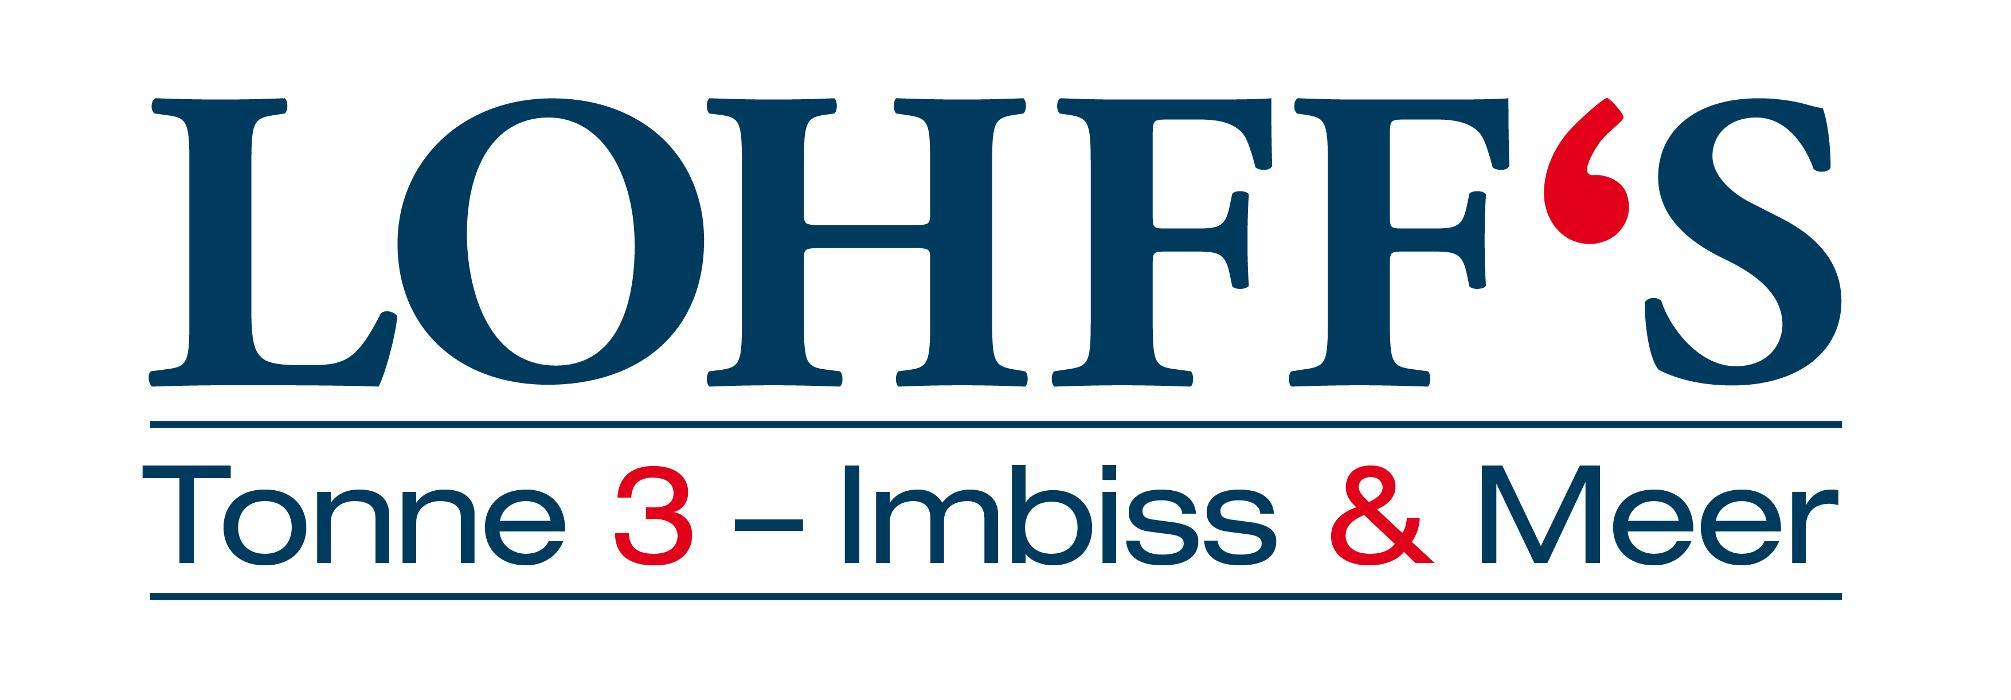 Logo von Fleischerei Lohff GmbH Tonne 3